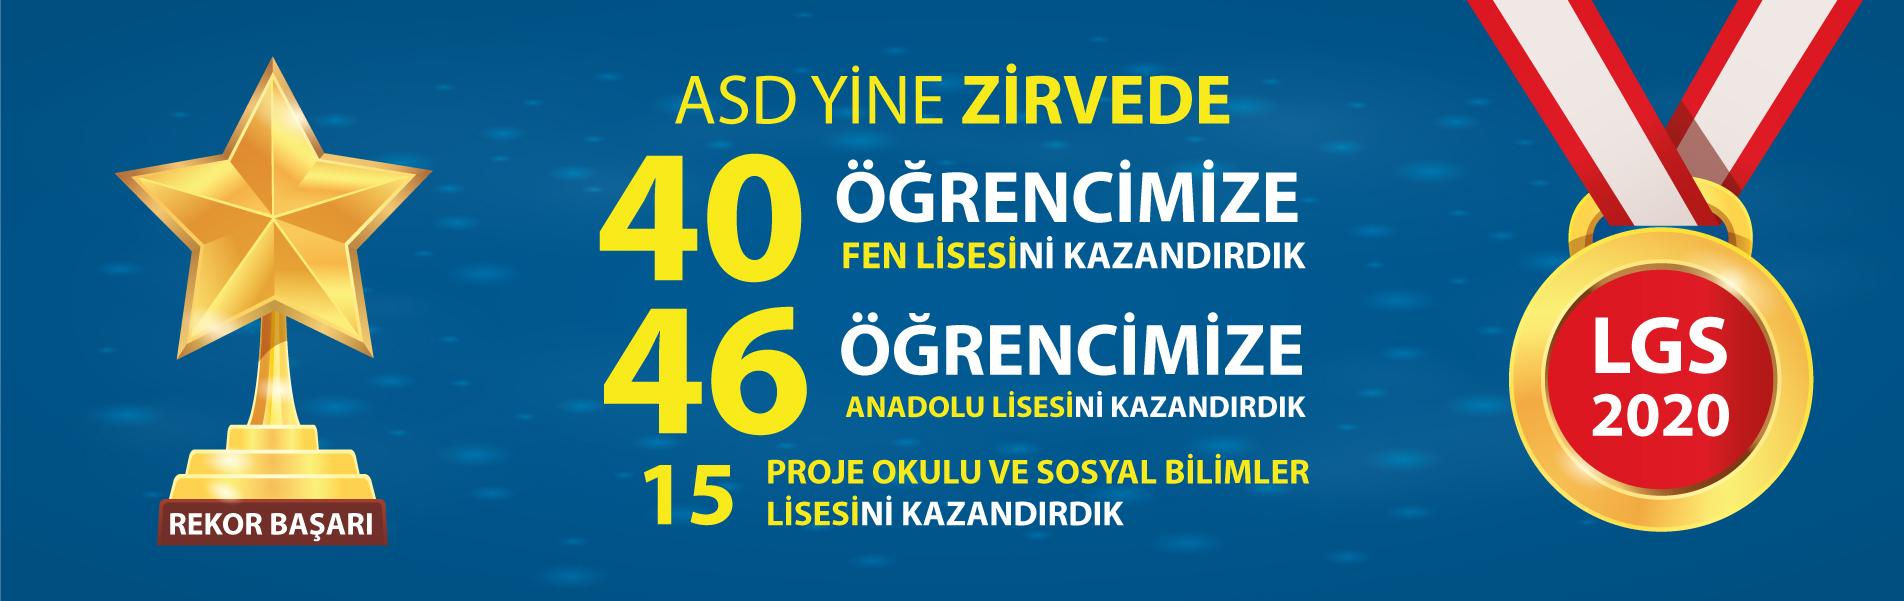 asd-lgs-2020